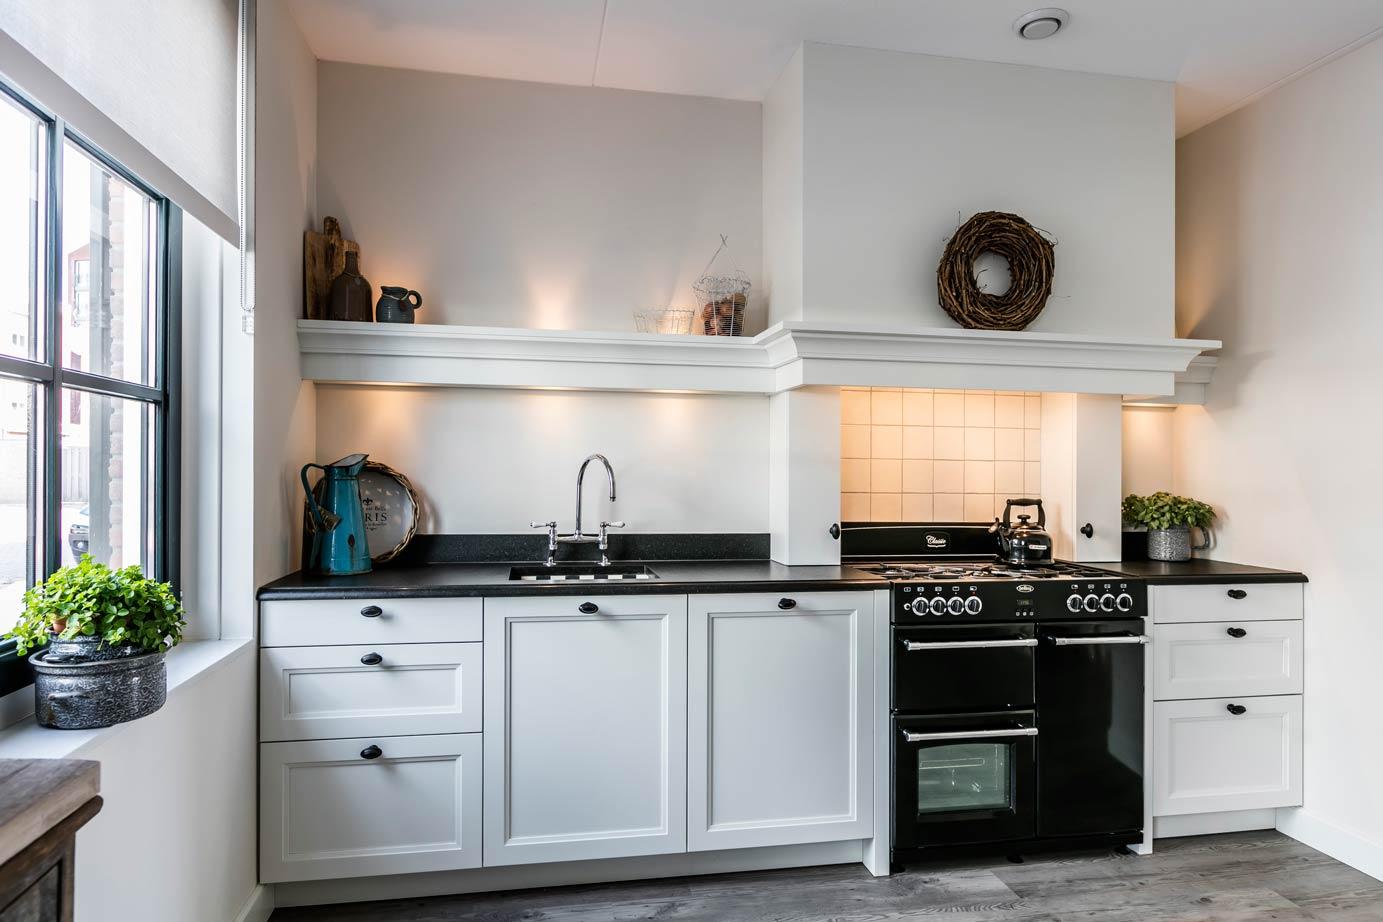 Geliefde Witte keuken: gevoel van rust en ruimte. Laat u inspireren! - DB #GS01